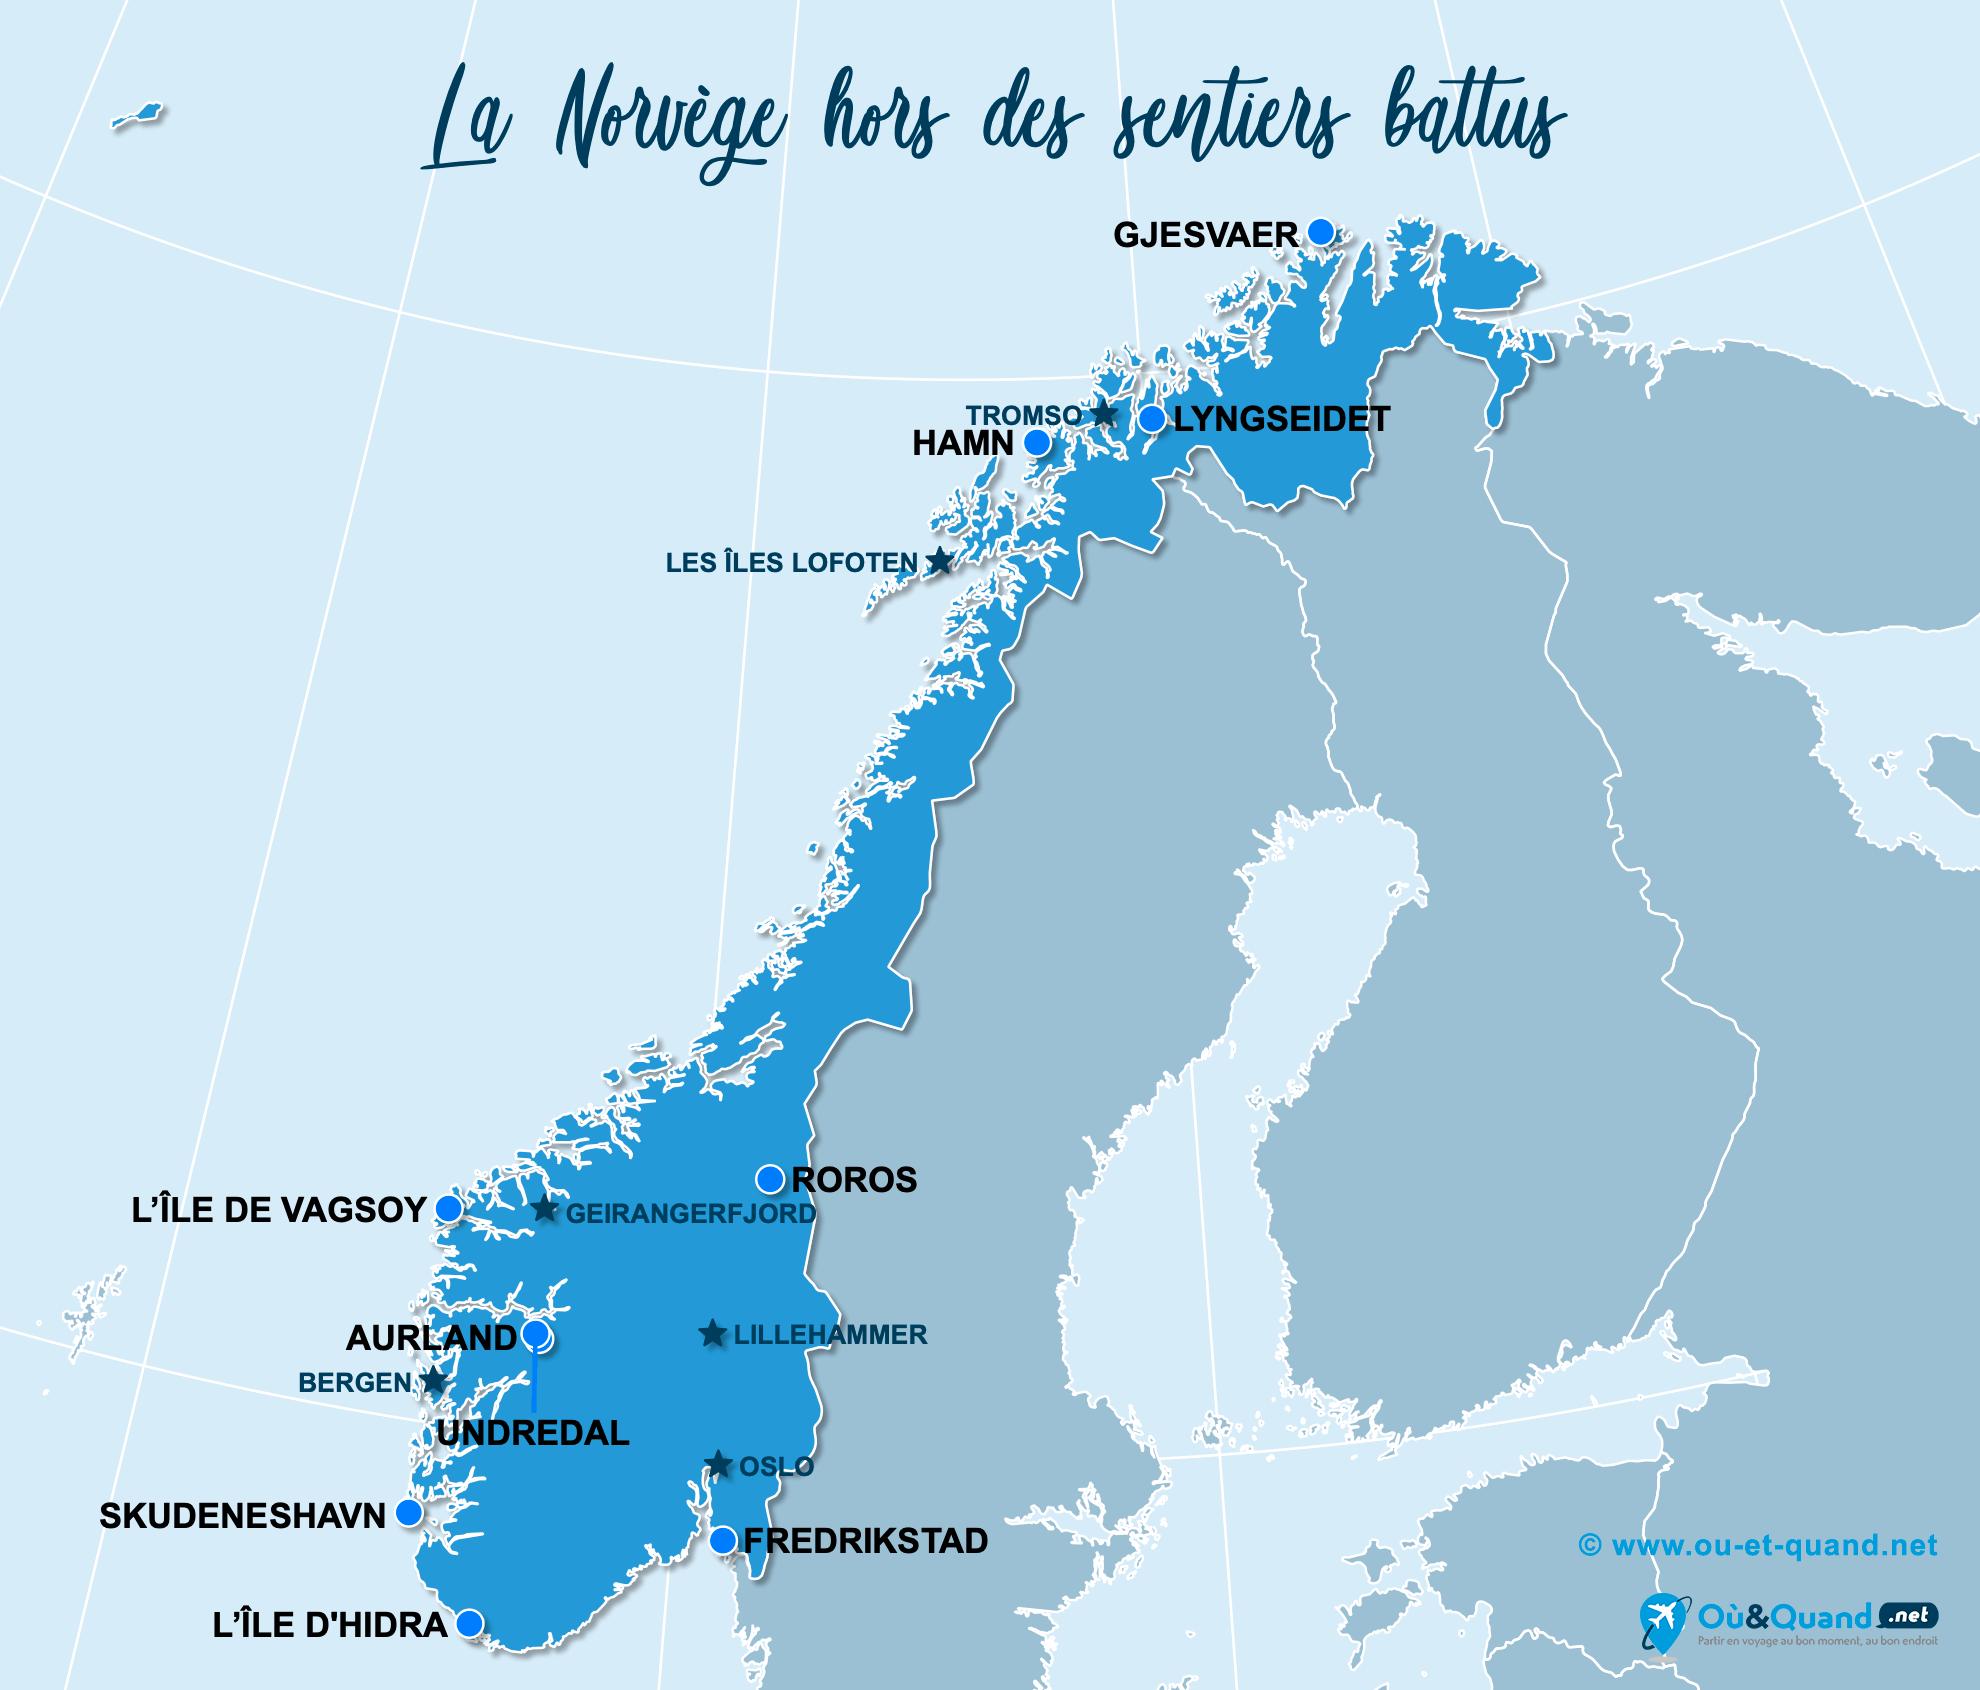 Carte Norvège : La Norvège hors des sentiers battus